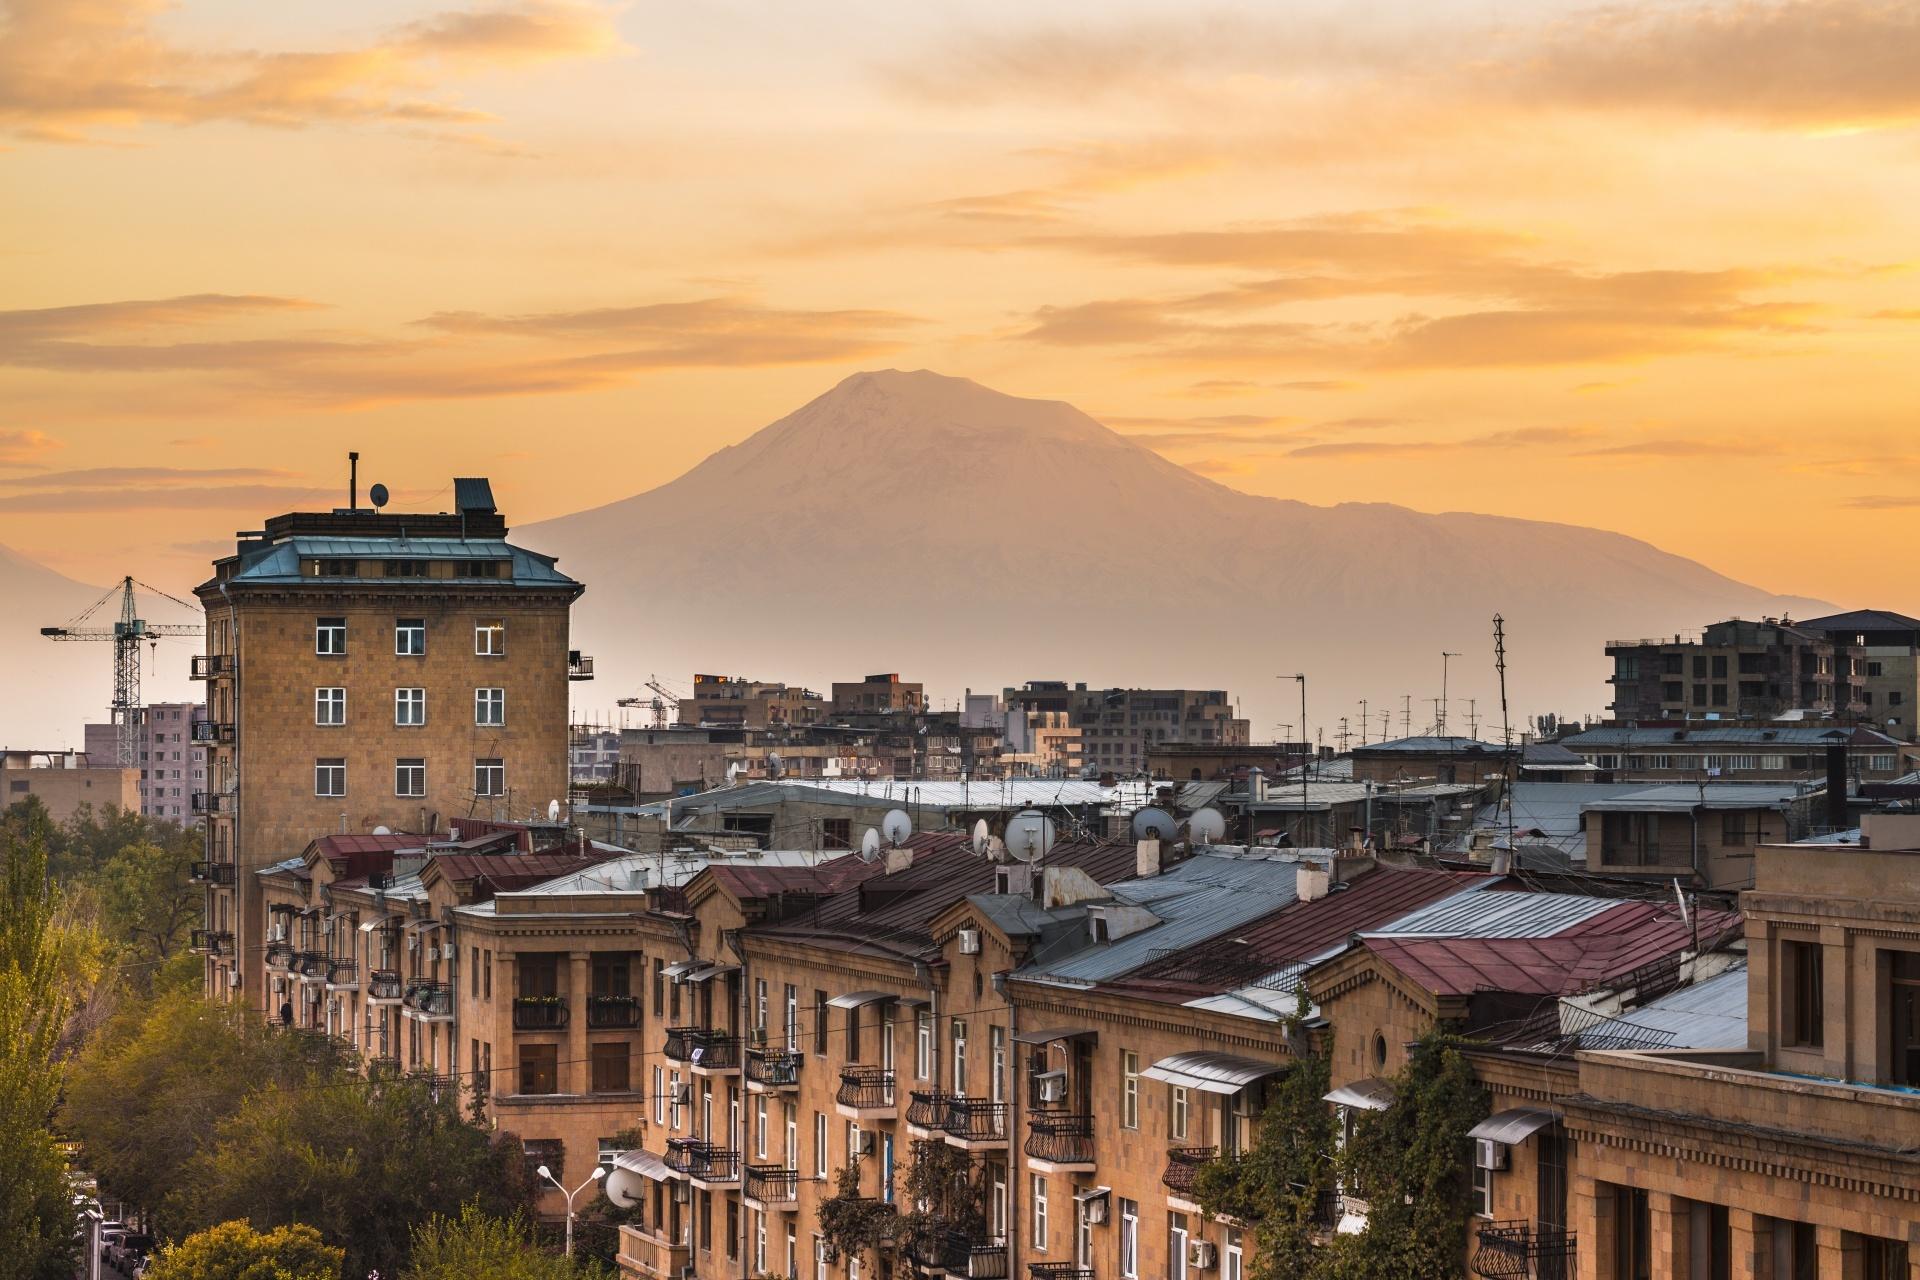 エレバンの朝の風景 アルメニアの風景